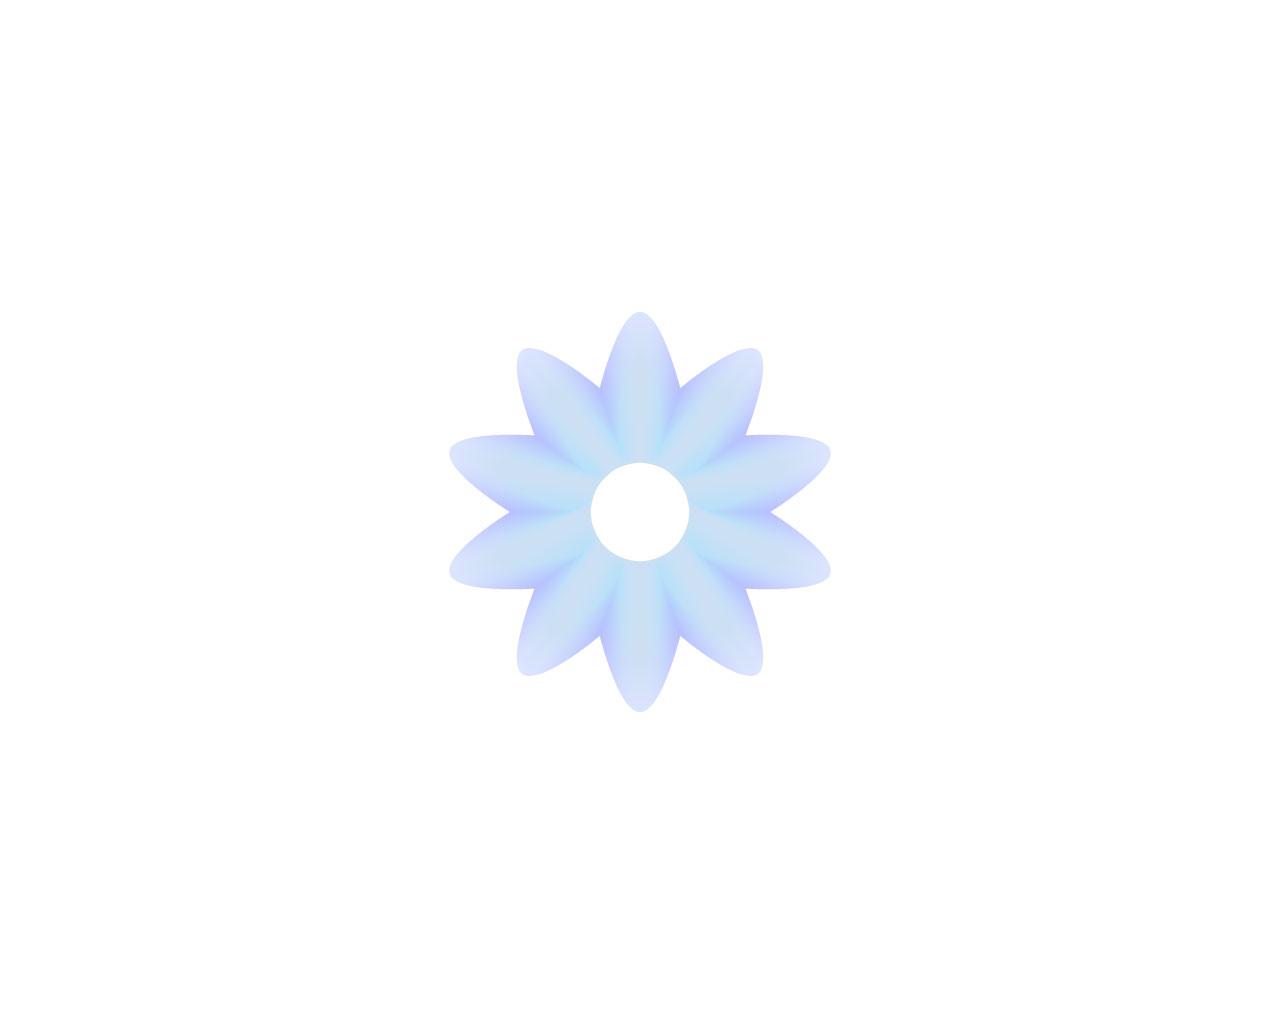 イラストレーターブレンドツールで印象的な花を描く方法